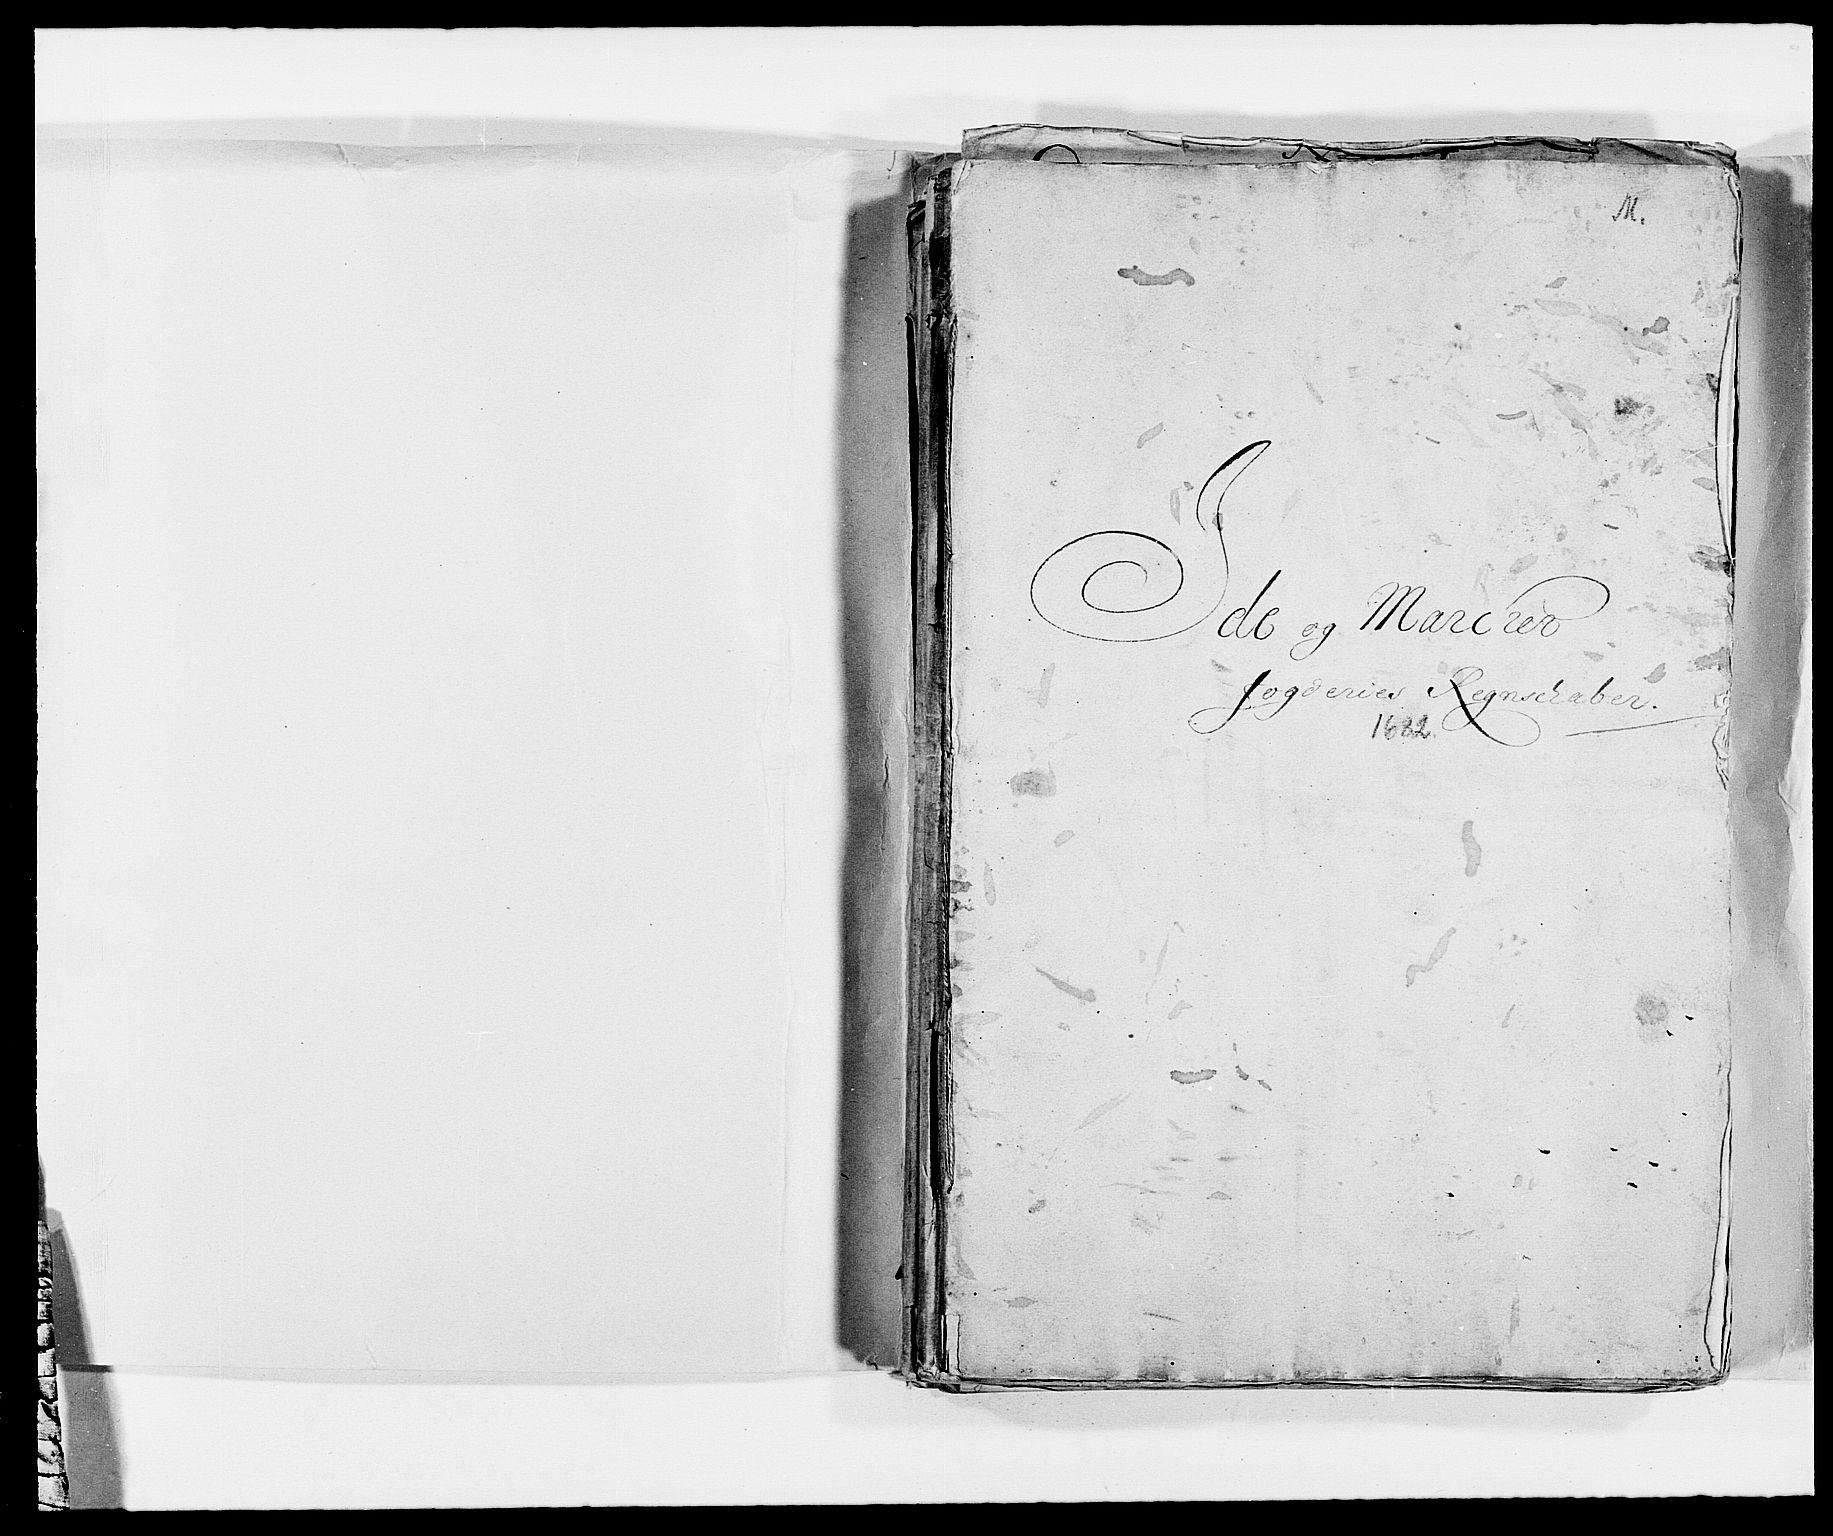 RA, Rentekammeret inntil 1814, Reviderte regnskaper, Fogderegnskap, R01/L0004: Fogderegnskap Idd og Marker , 1682-1683, s. 2